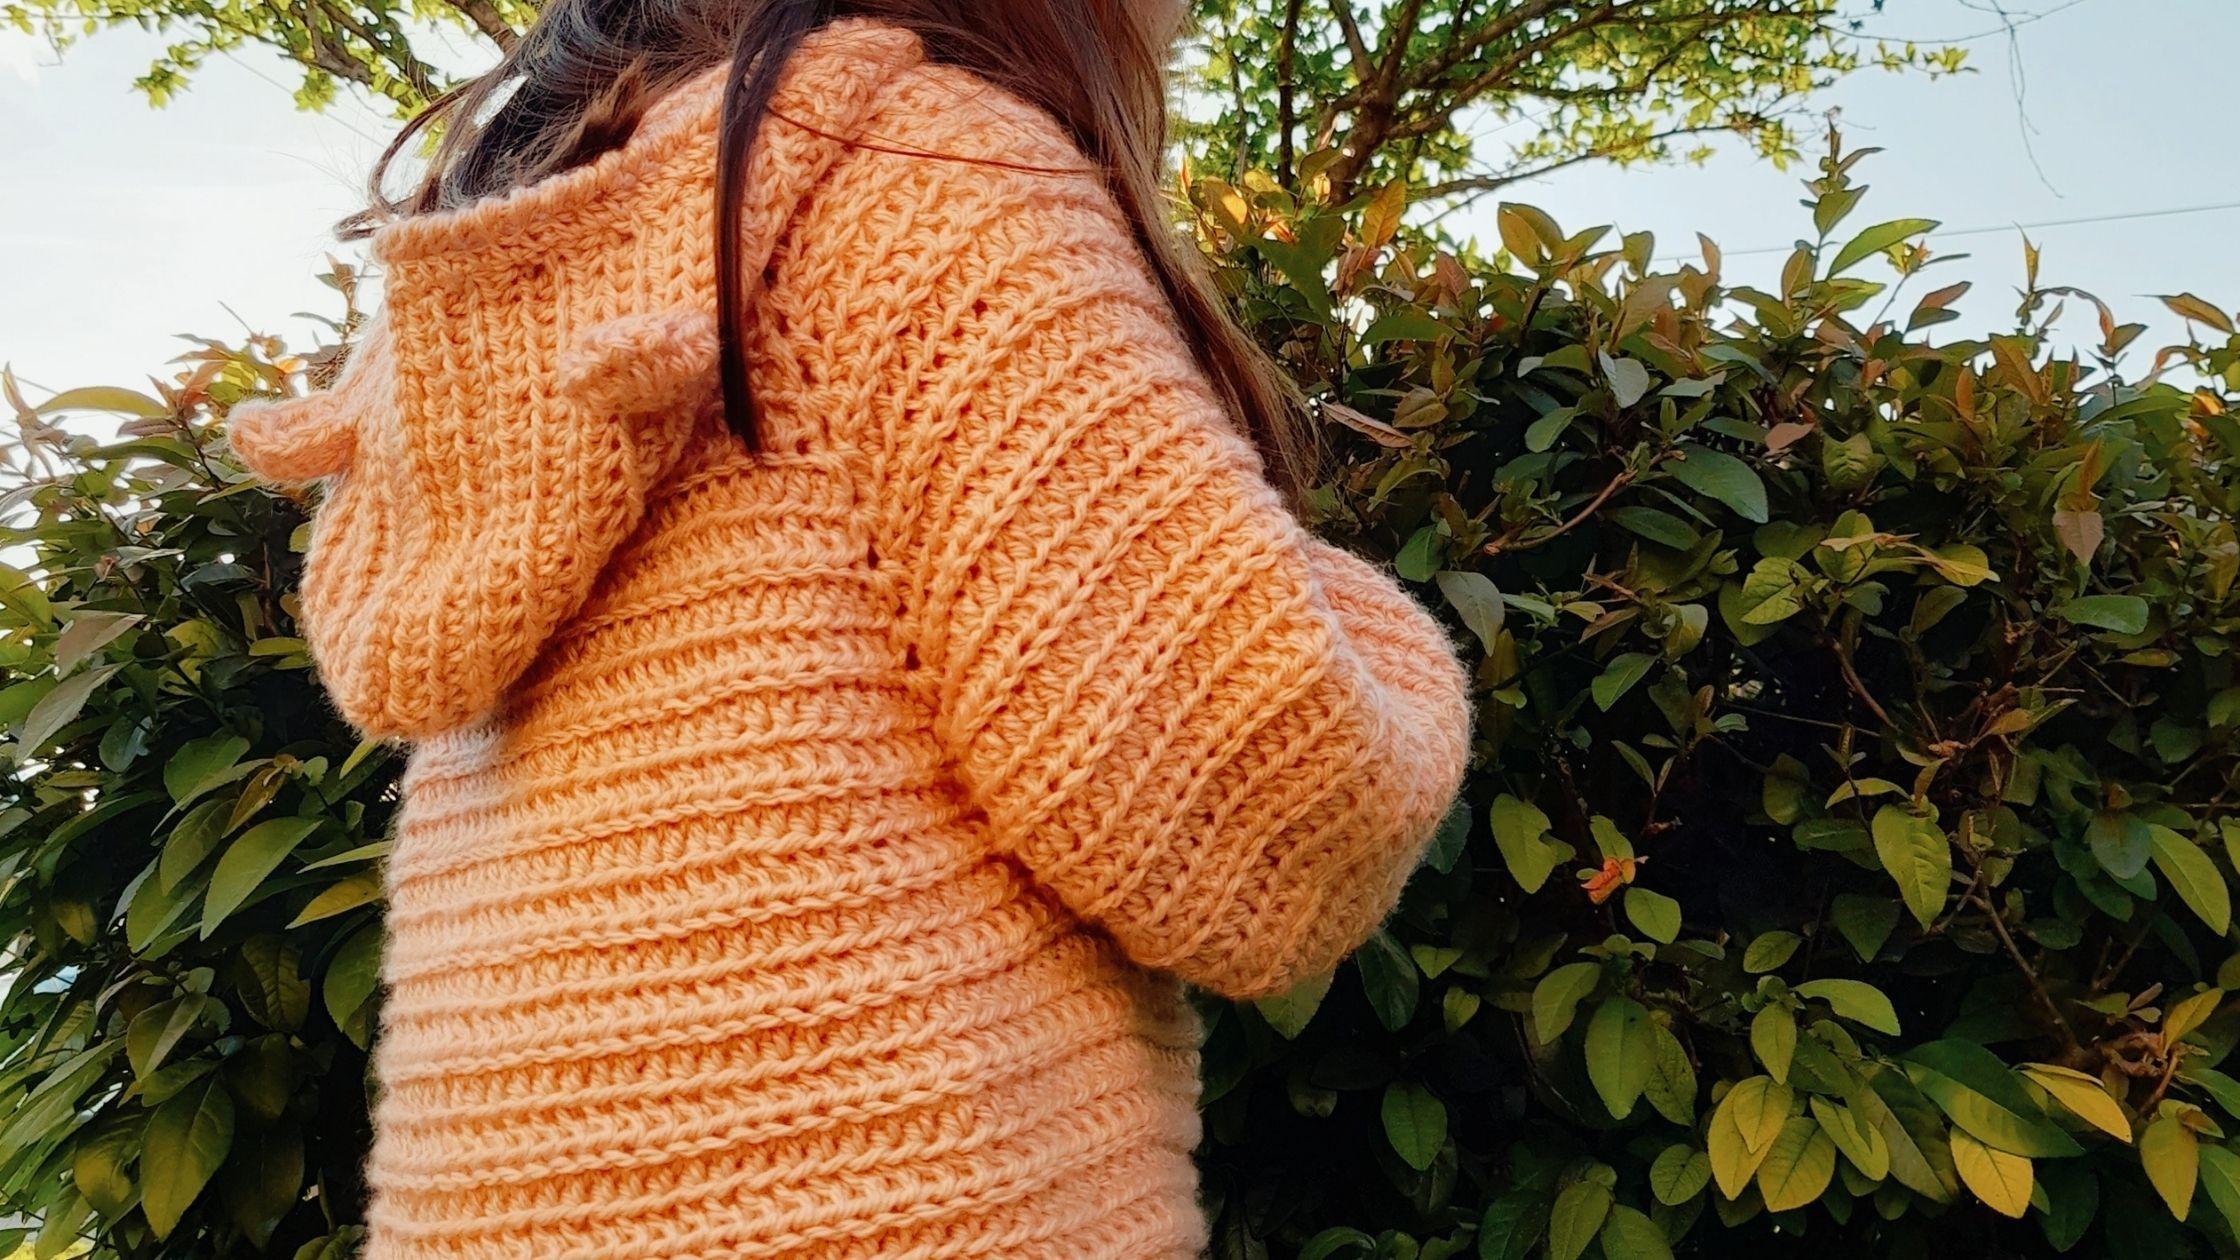 Cómo tejer una Campera Top Down a crochet para niñas/ niños- UNISEX- paso a paso en ESPAÑOL